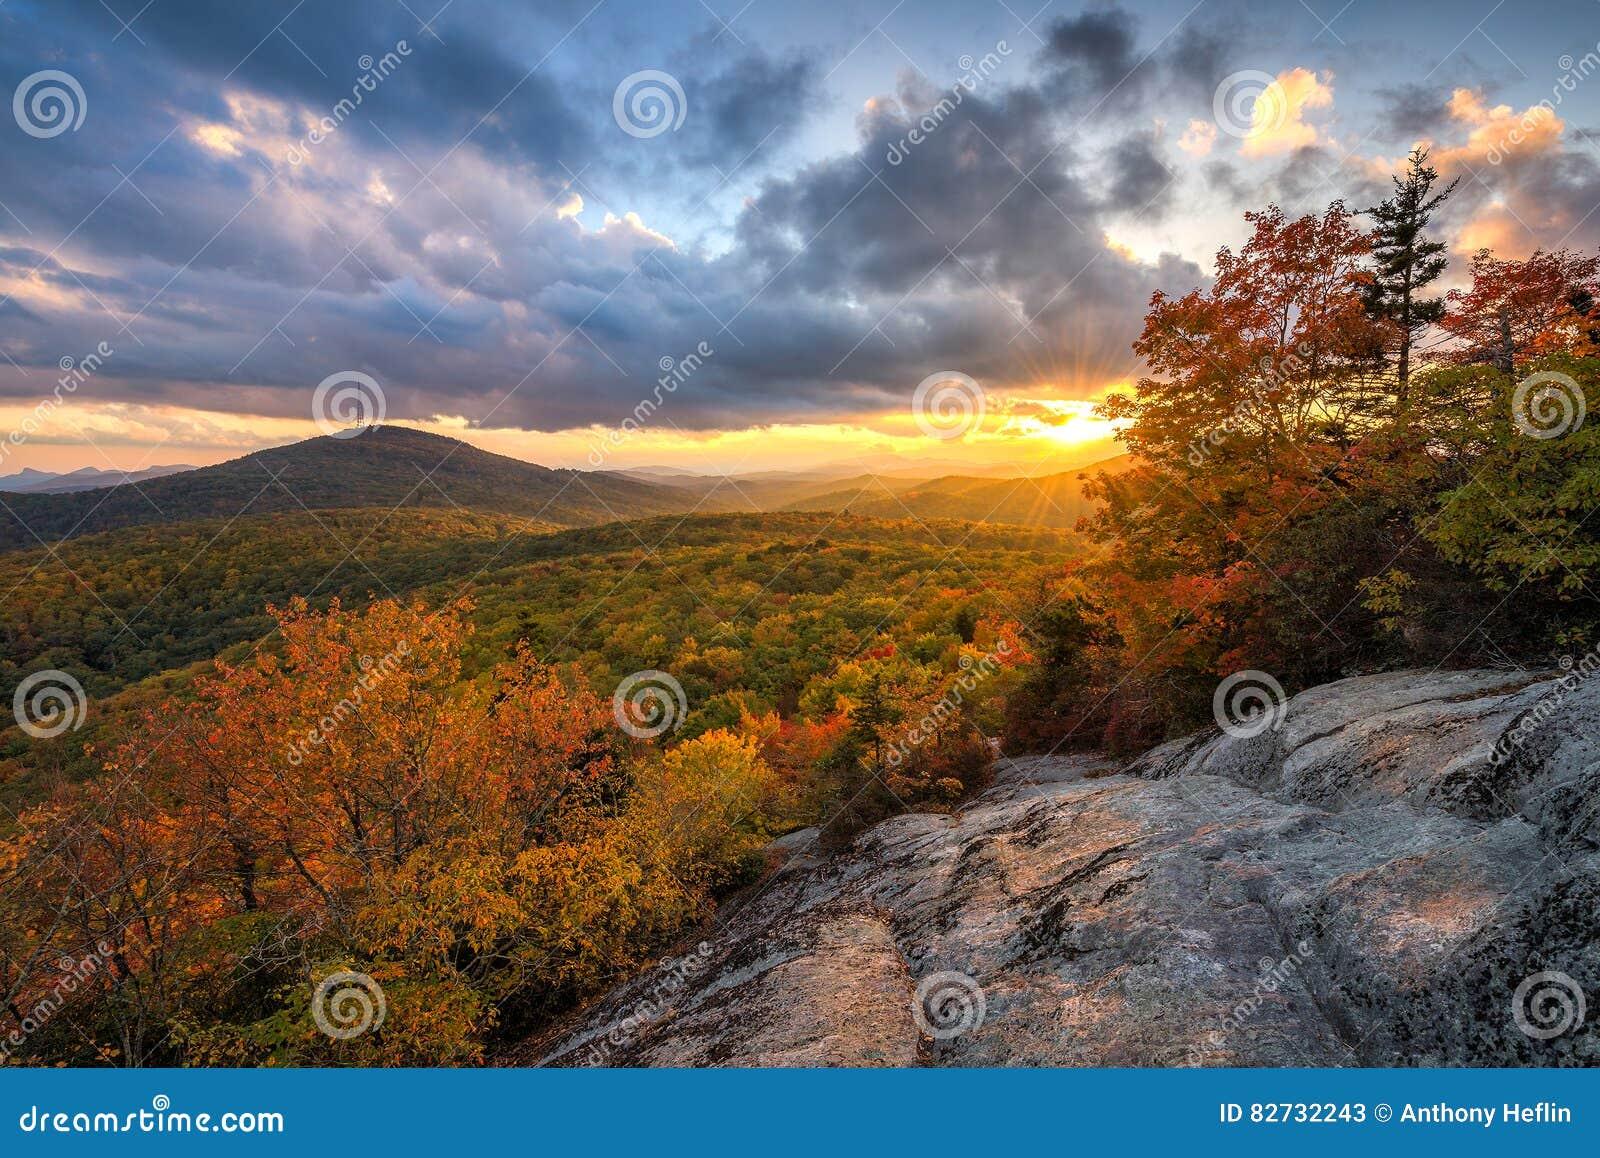 蓝岭山脉,秋天风景日落